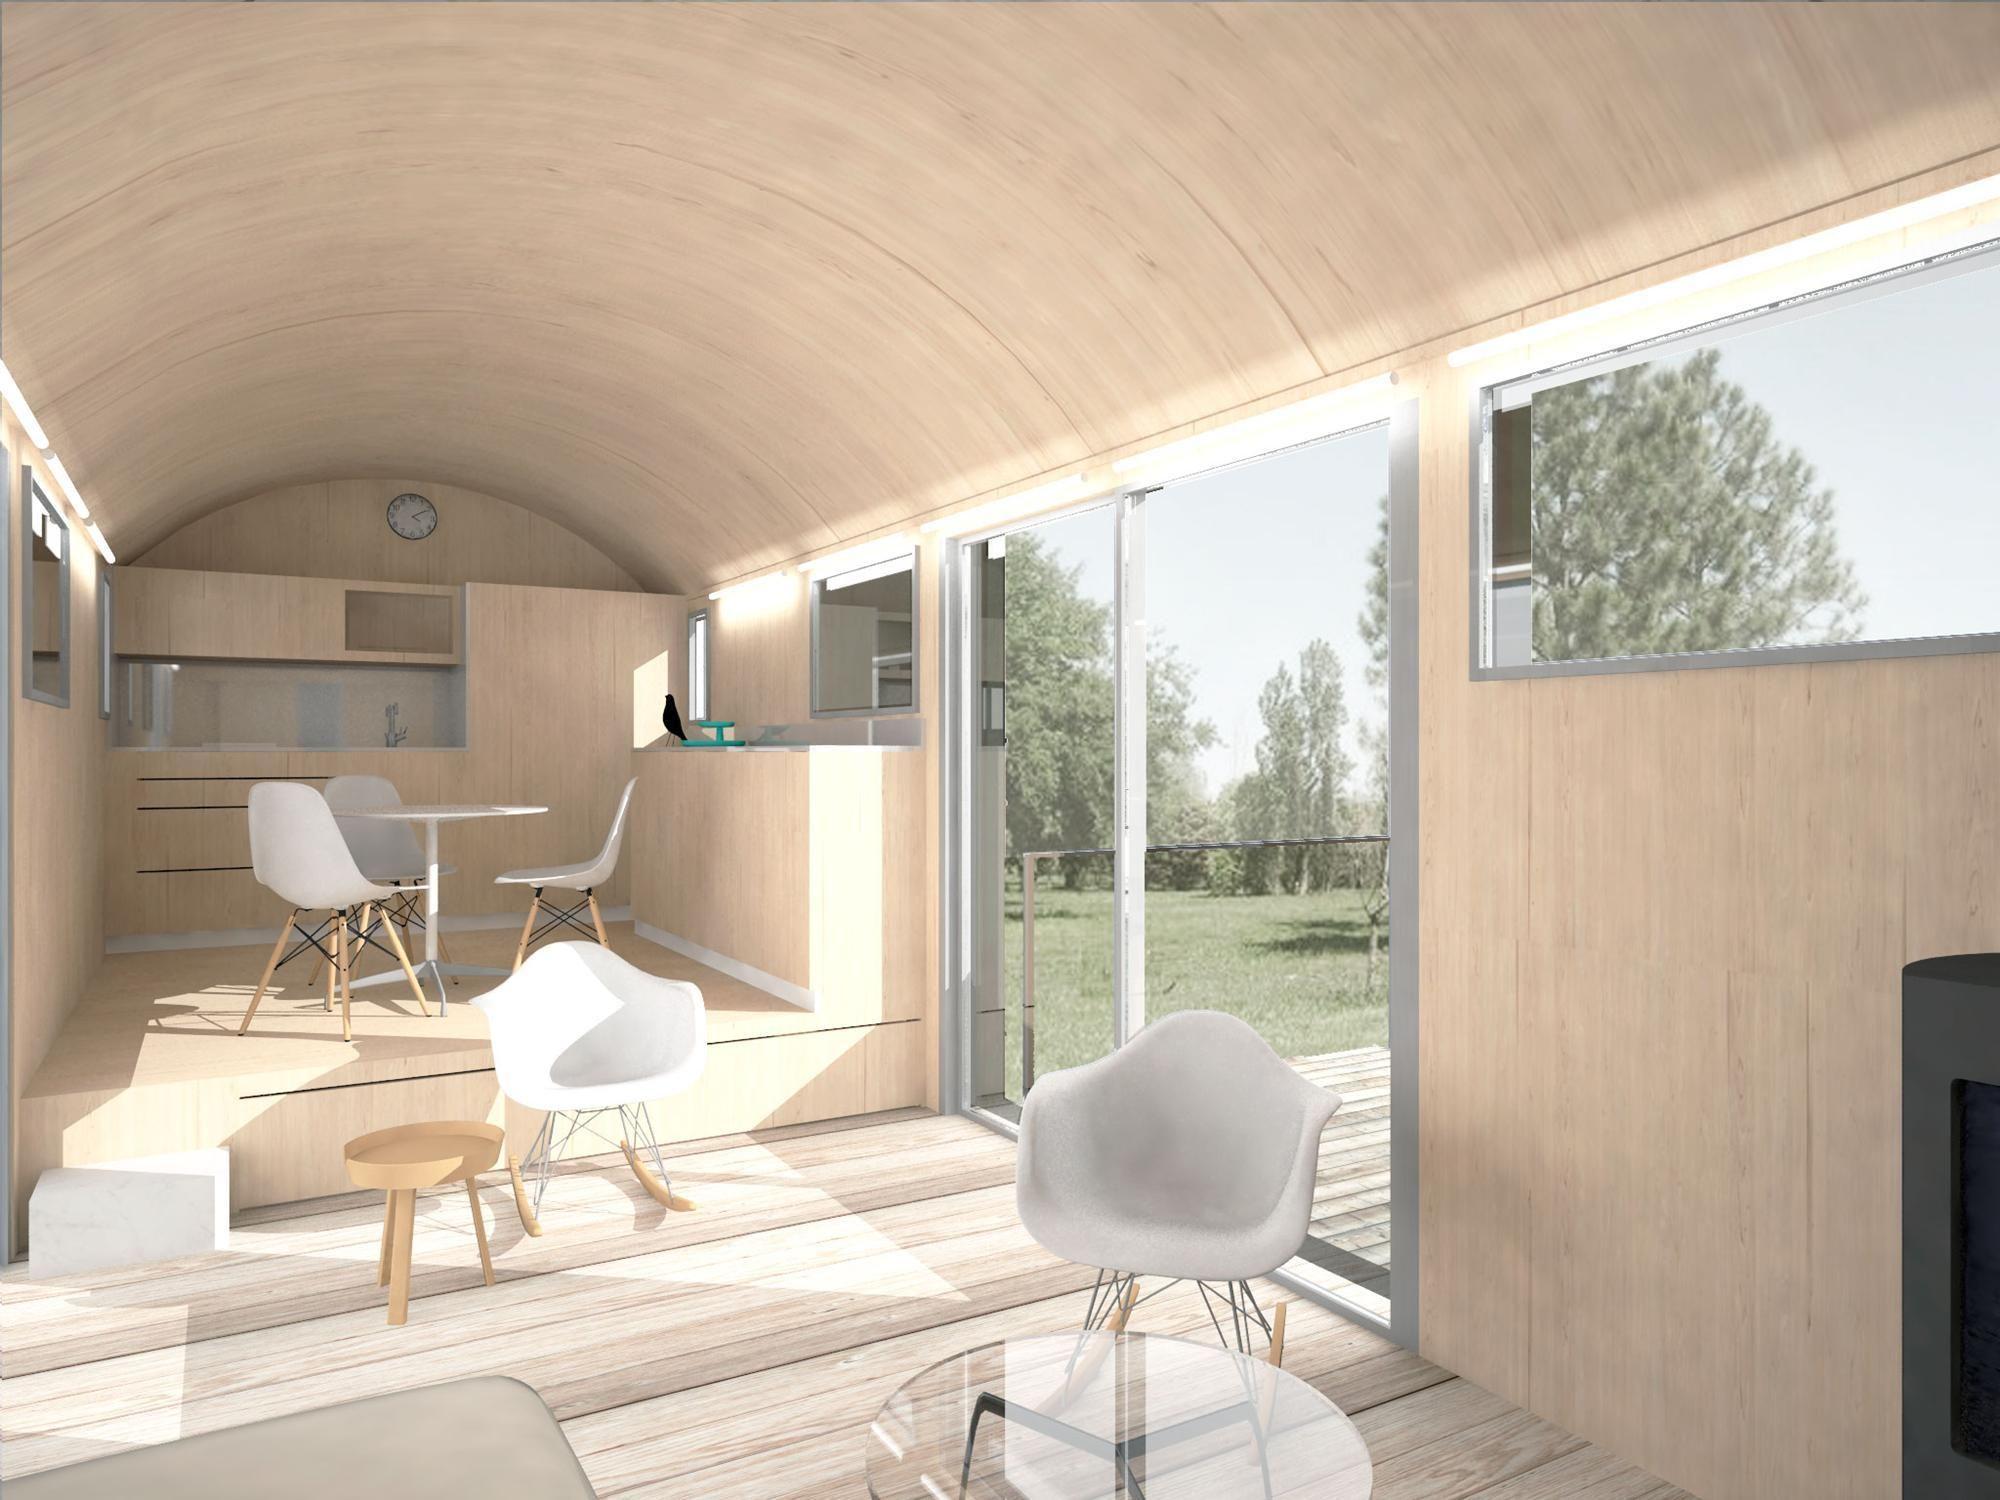 Alberich Rodríguez Casas Vagones Ideas De Diseño De Interiores Vagones De Tren